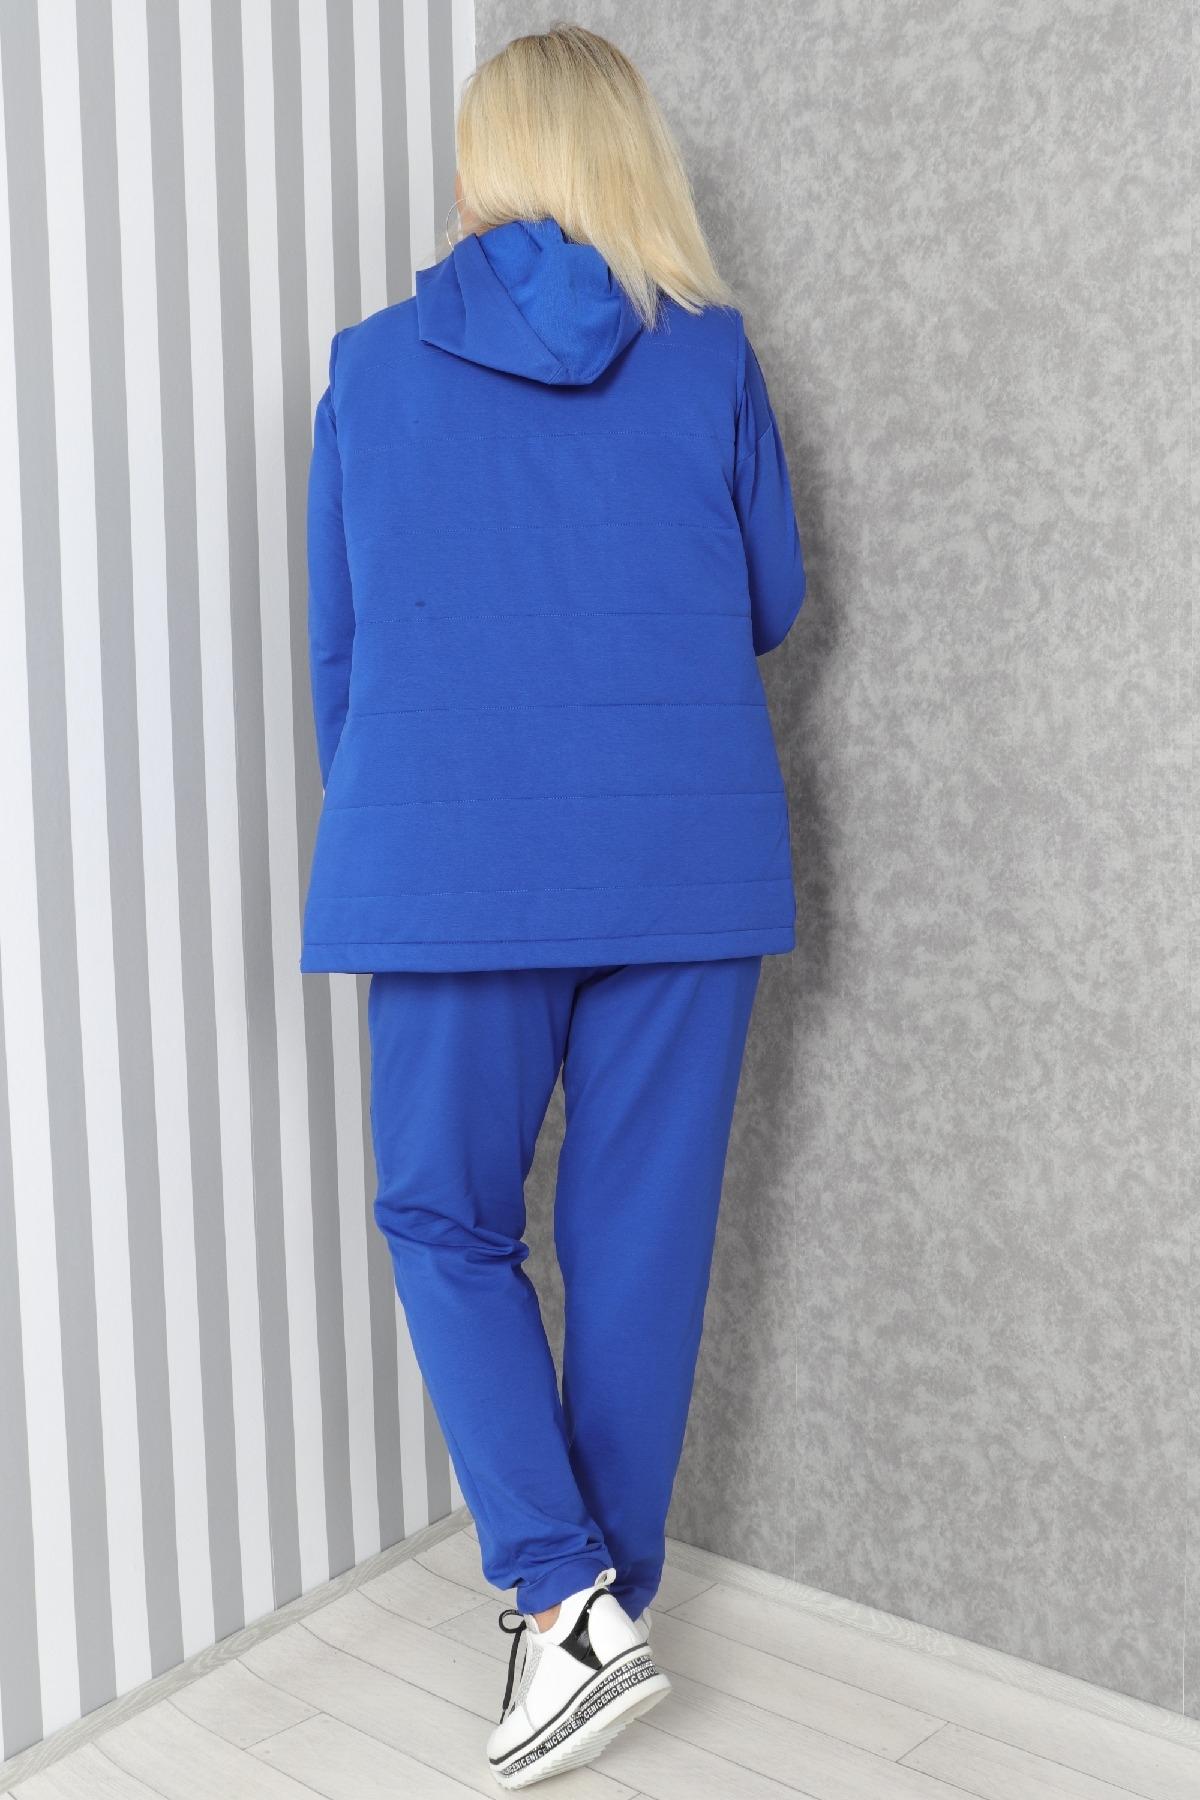 Women's 3 Piece Suits-Bright Blue